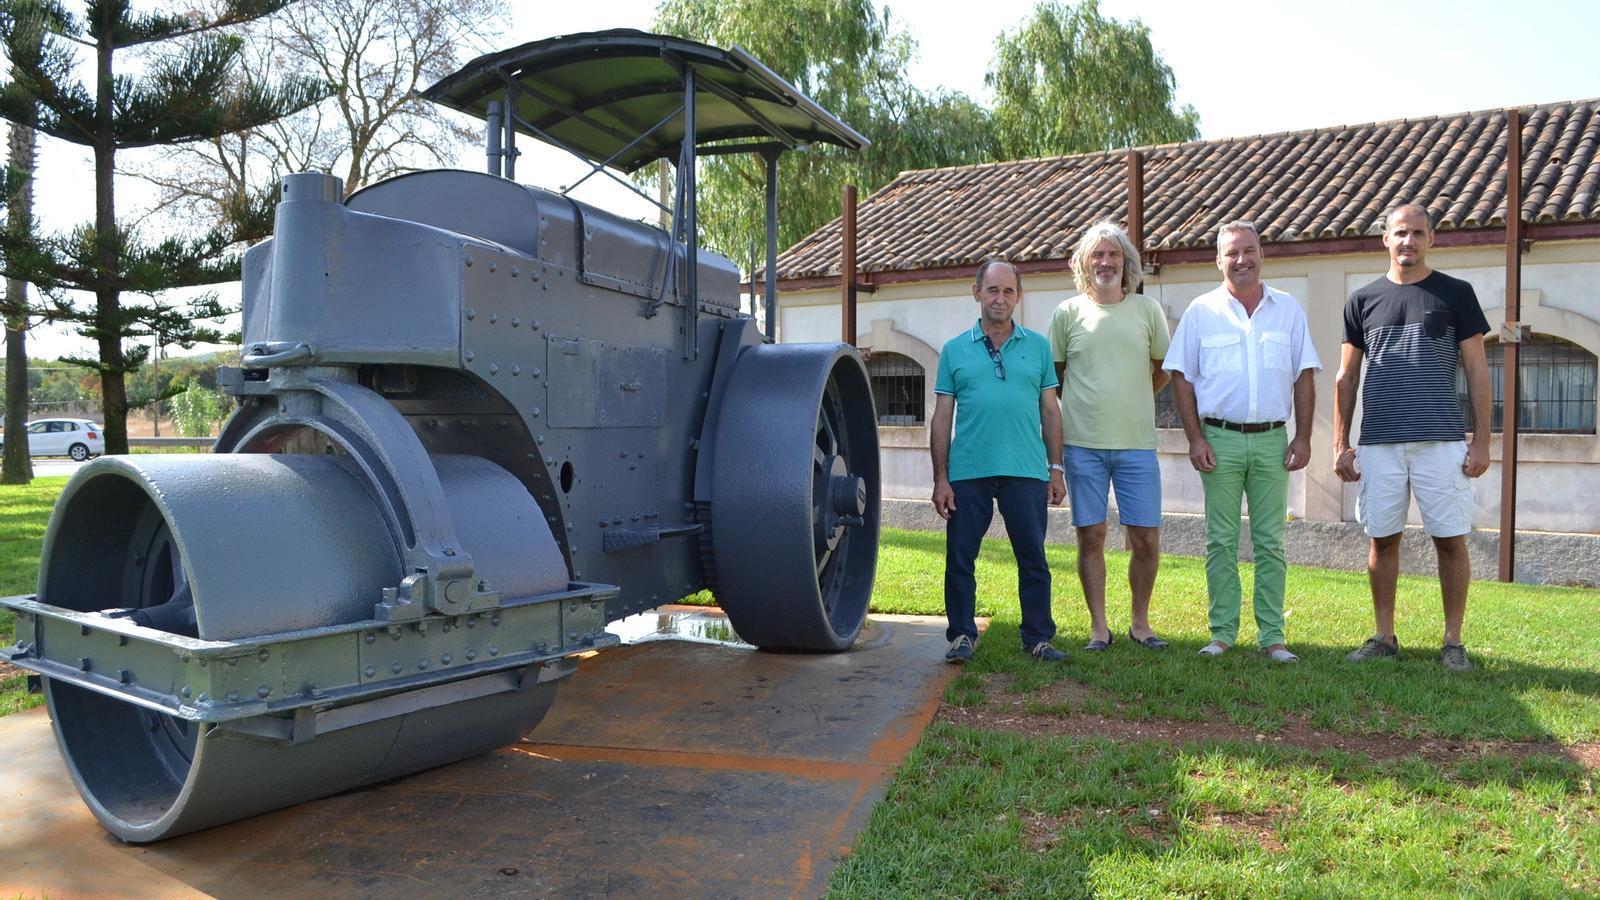 La maquina s'ha instal·lat vora l'antiga caseta d'obres públiques.